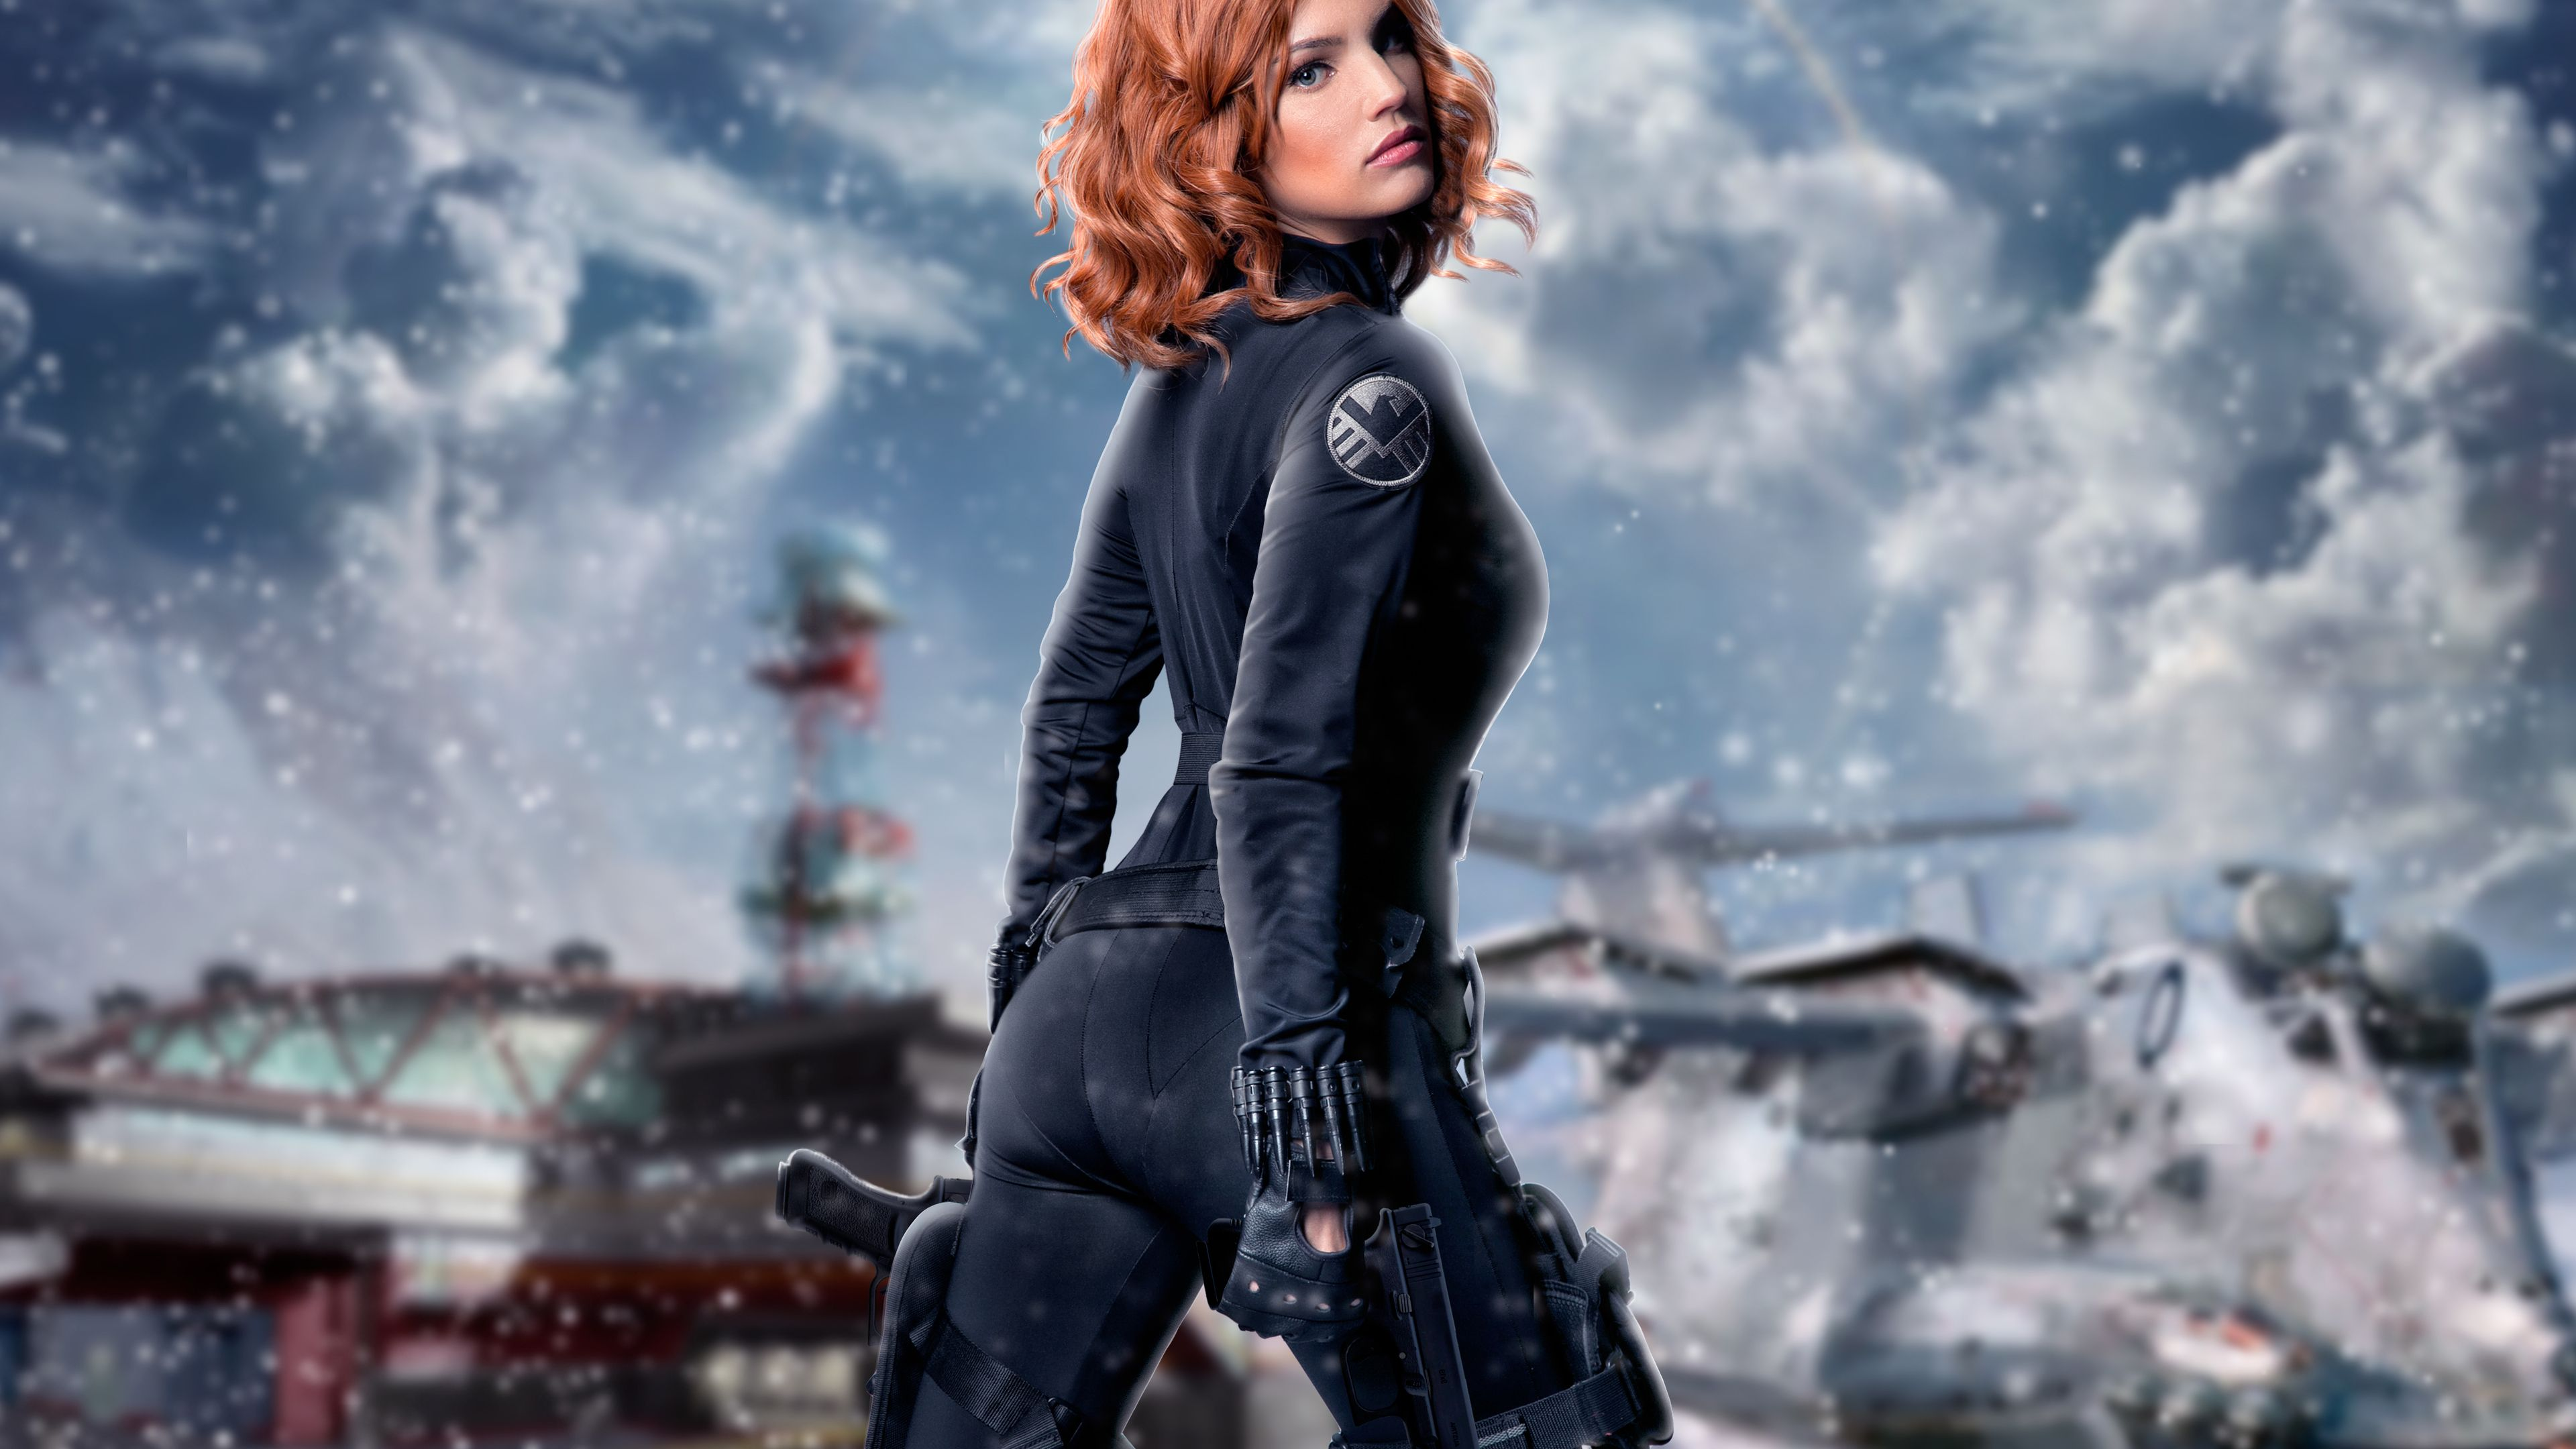 Black Widow Cosplay 4k superheroes wallpapers, hd-wallpapers, cosplay wallpapers, black widow wallpapers, 4k-wallpapers